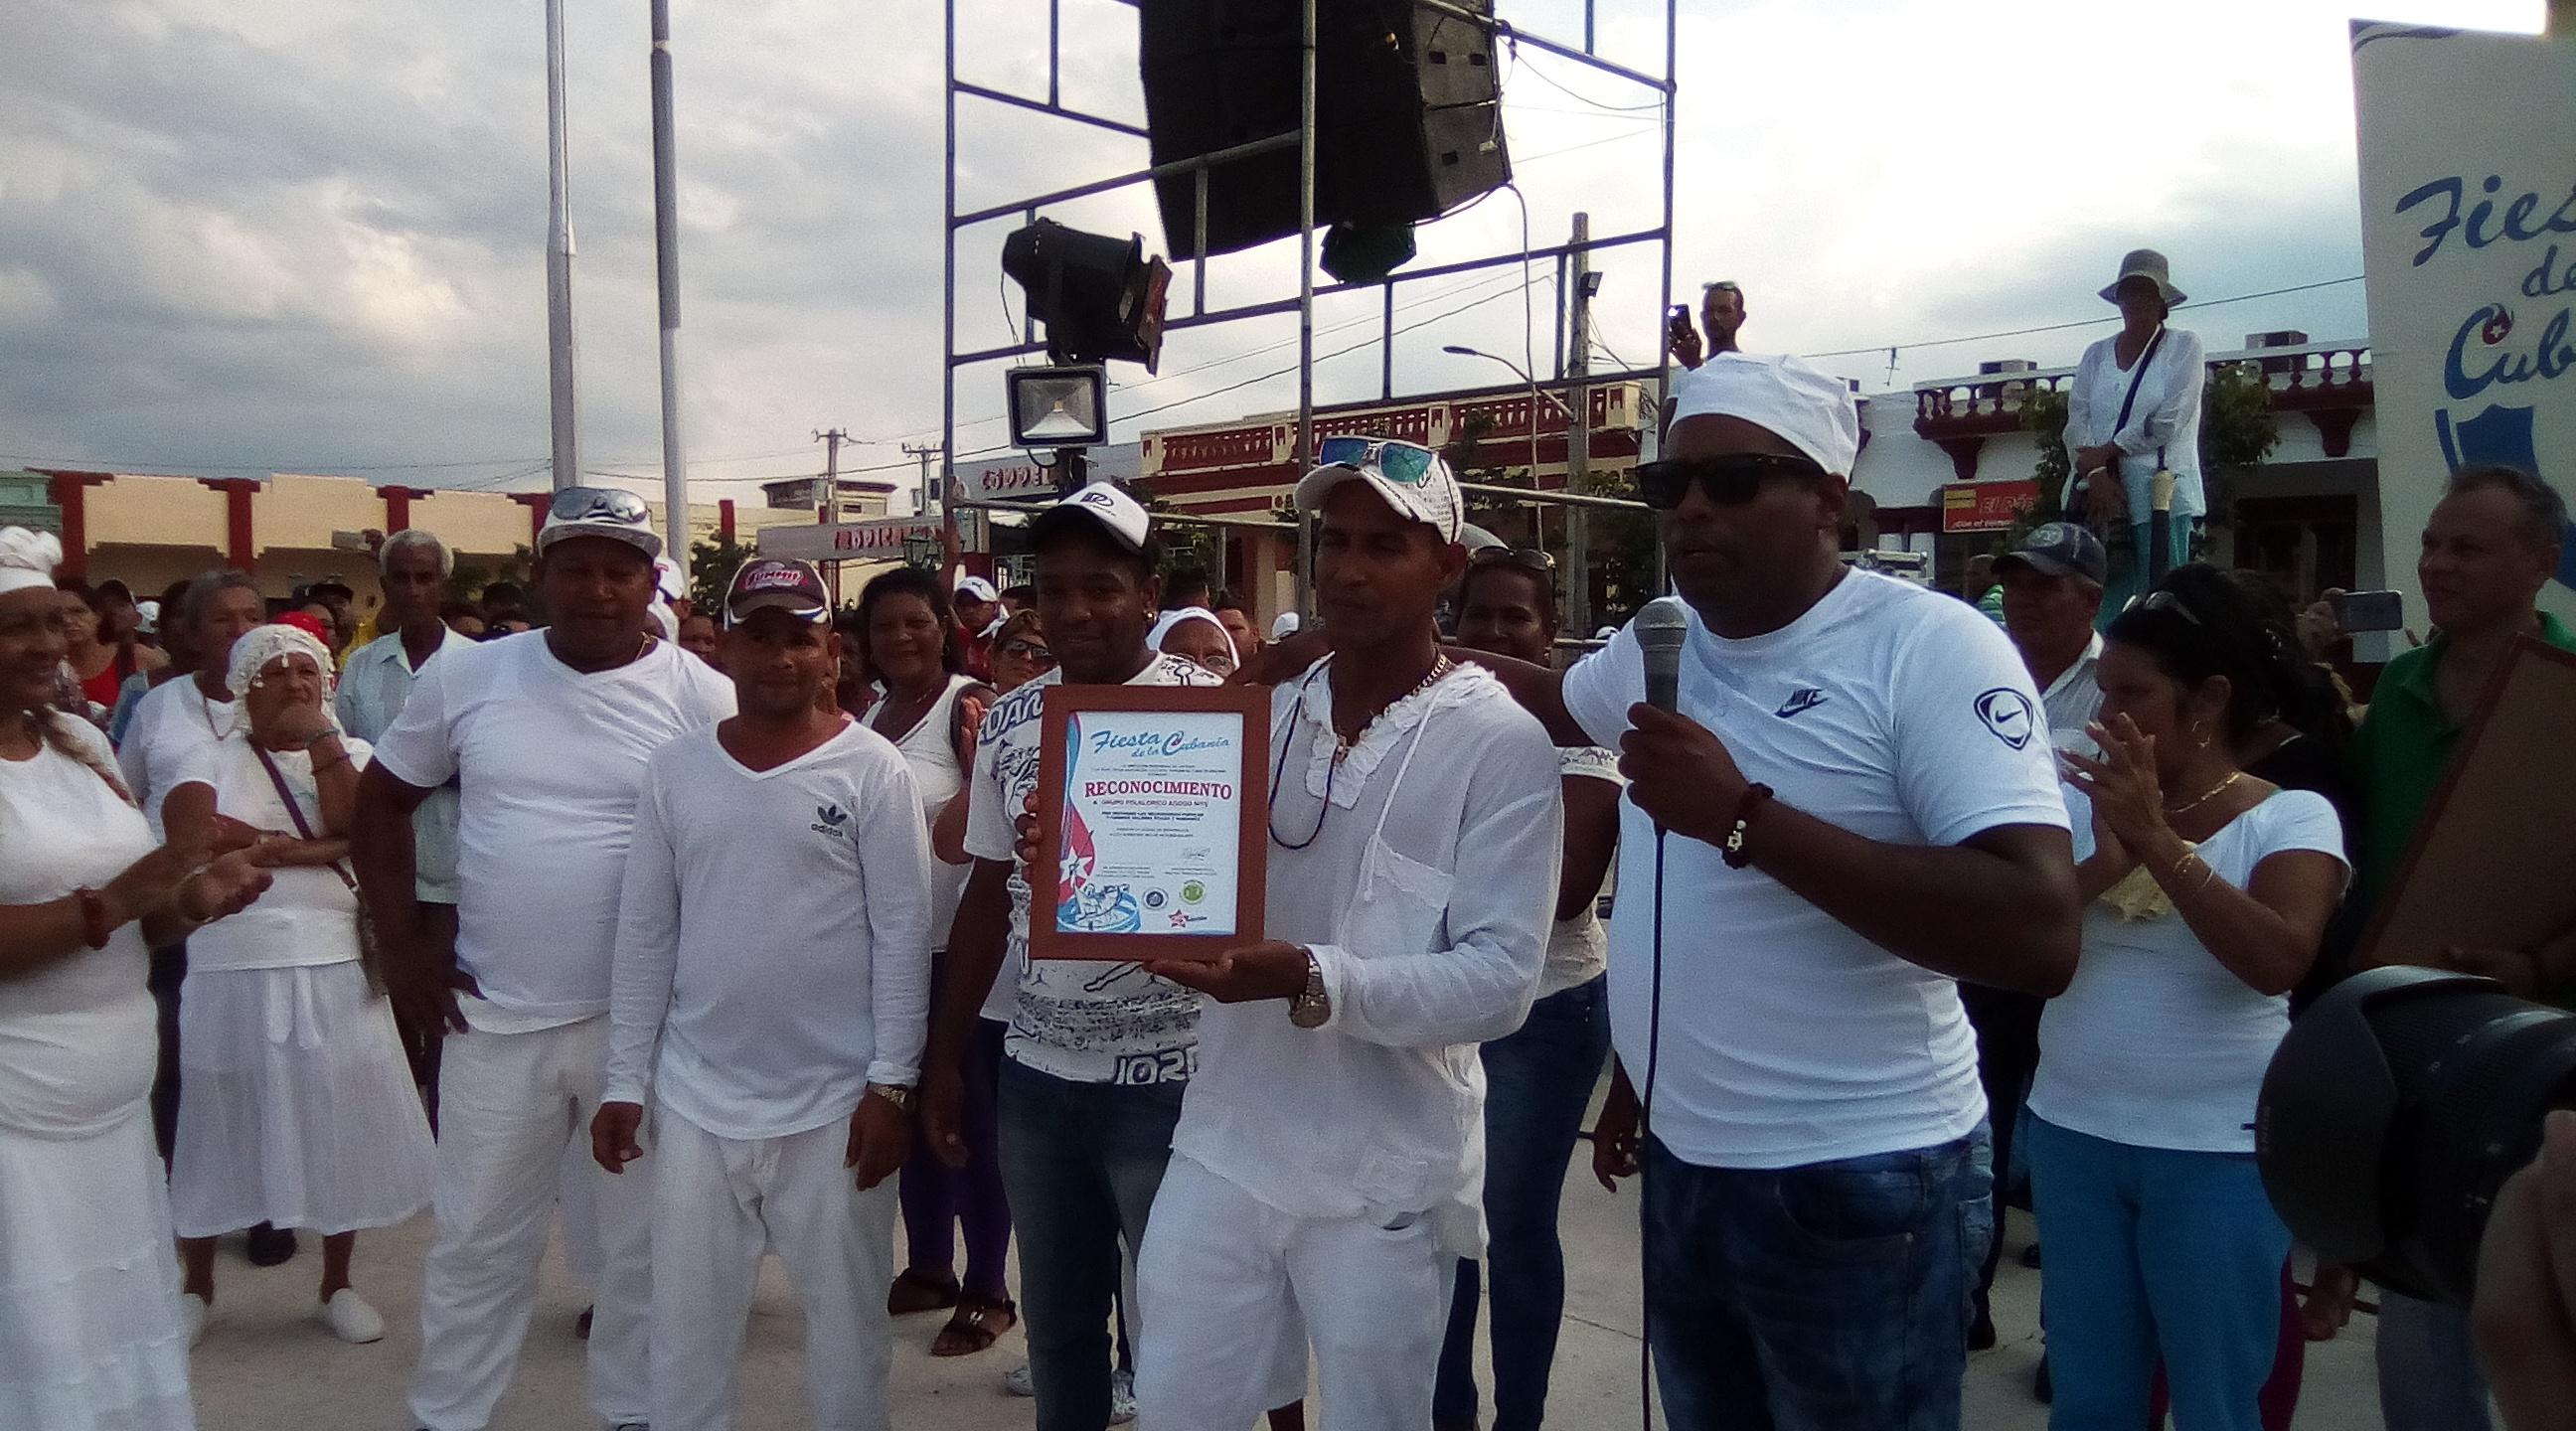 Festival de Religiosidad Popular en Fiesta de la Cubanía (+ fotos)